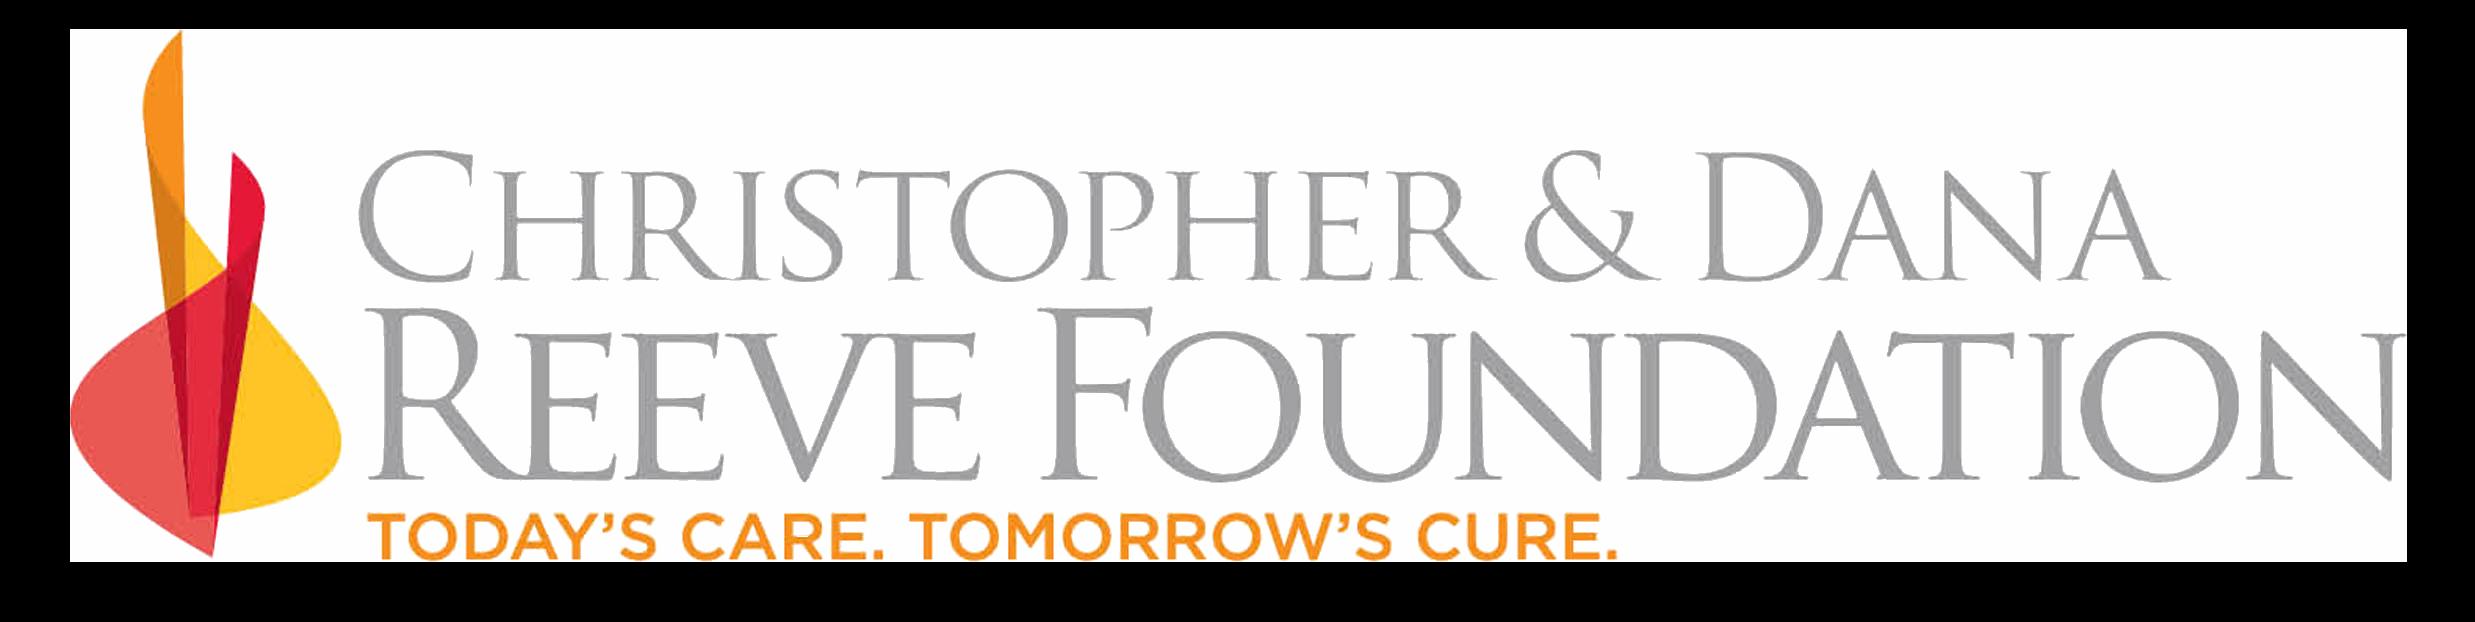 Reeve Foundation logo transparent